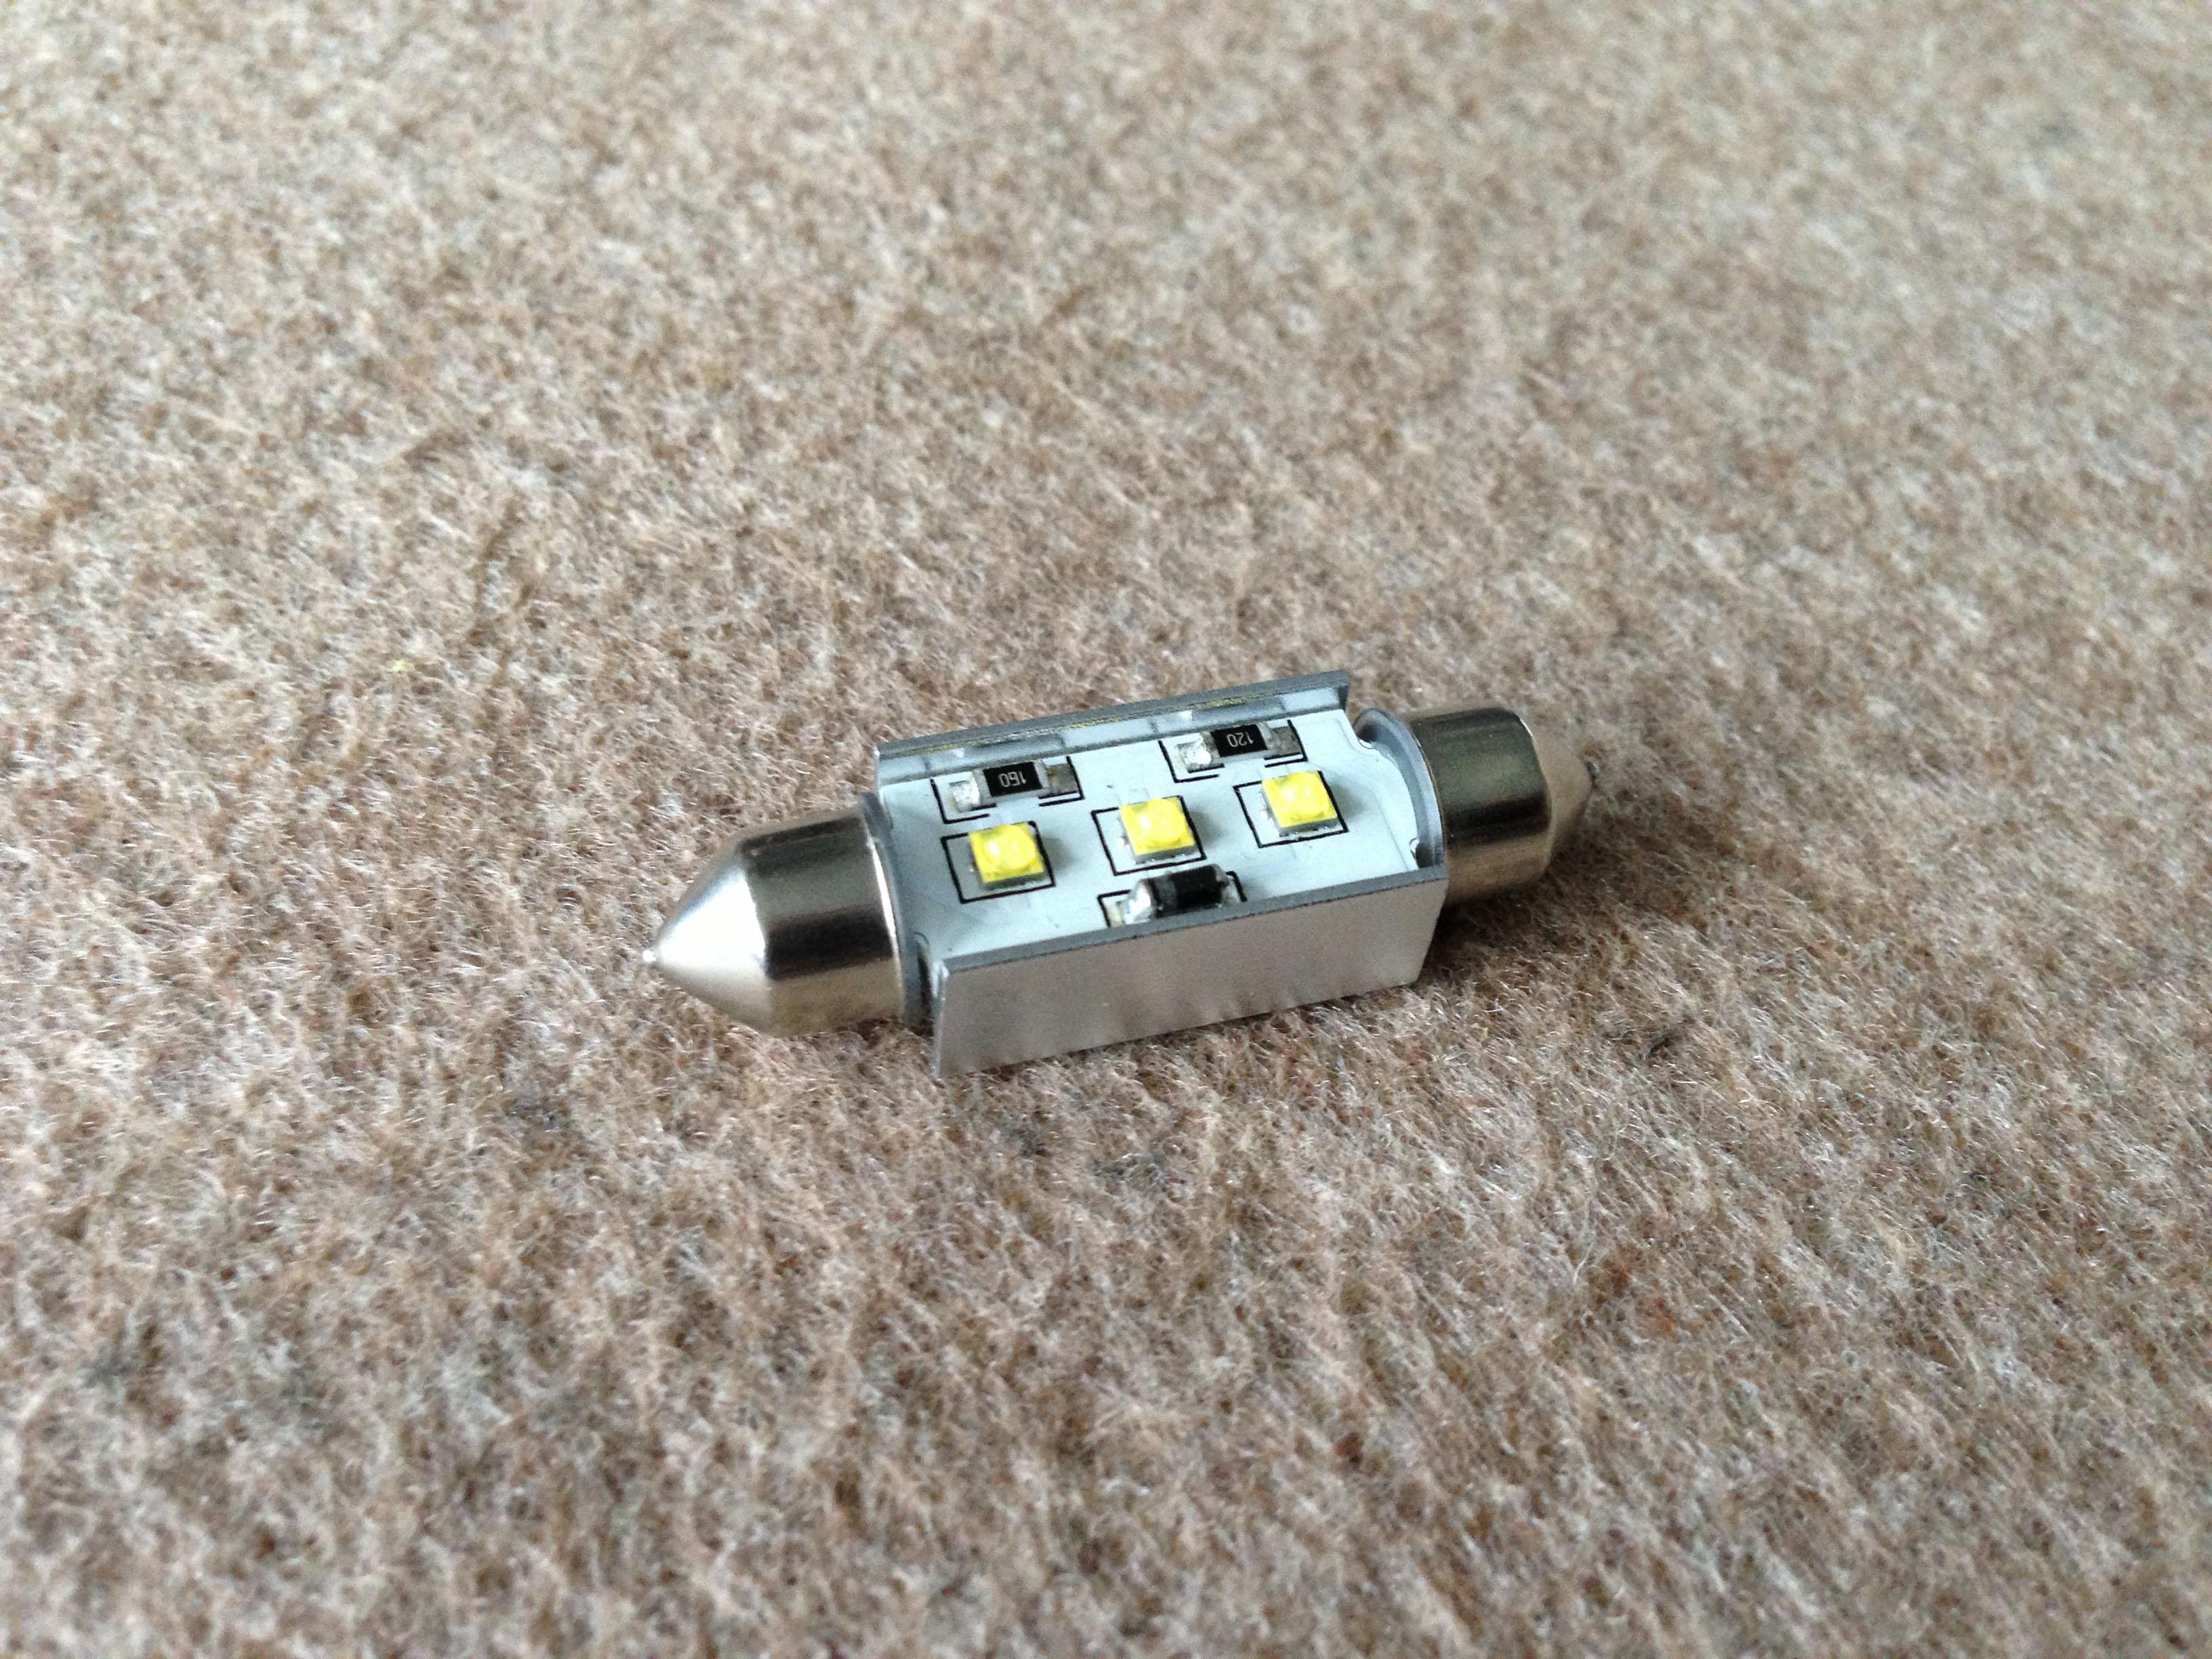 CREEチップLED-S85タイプ9Wキャンセラー内蔵LED